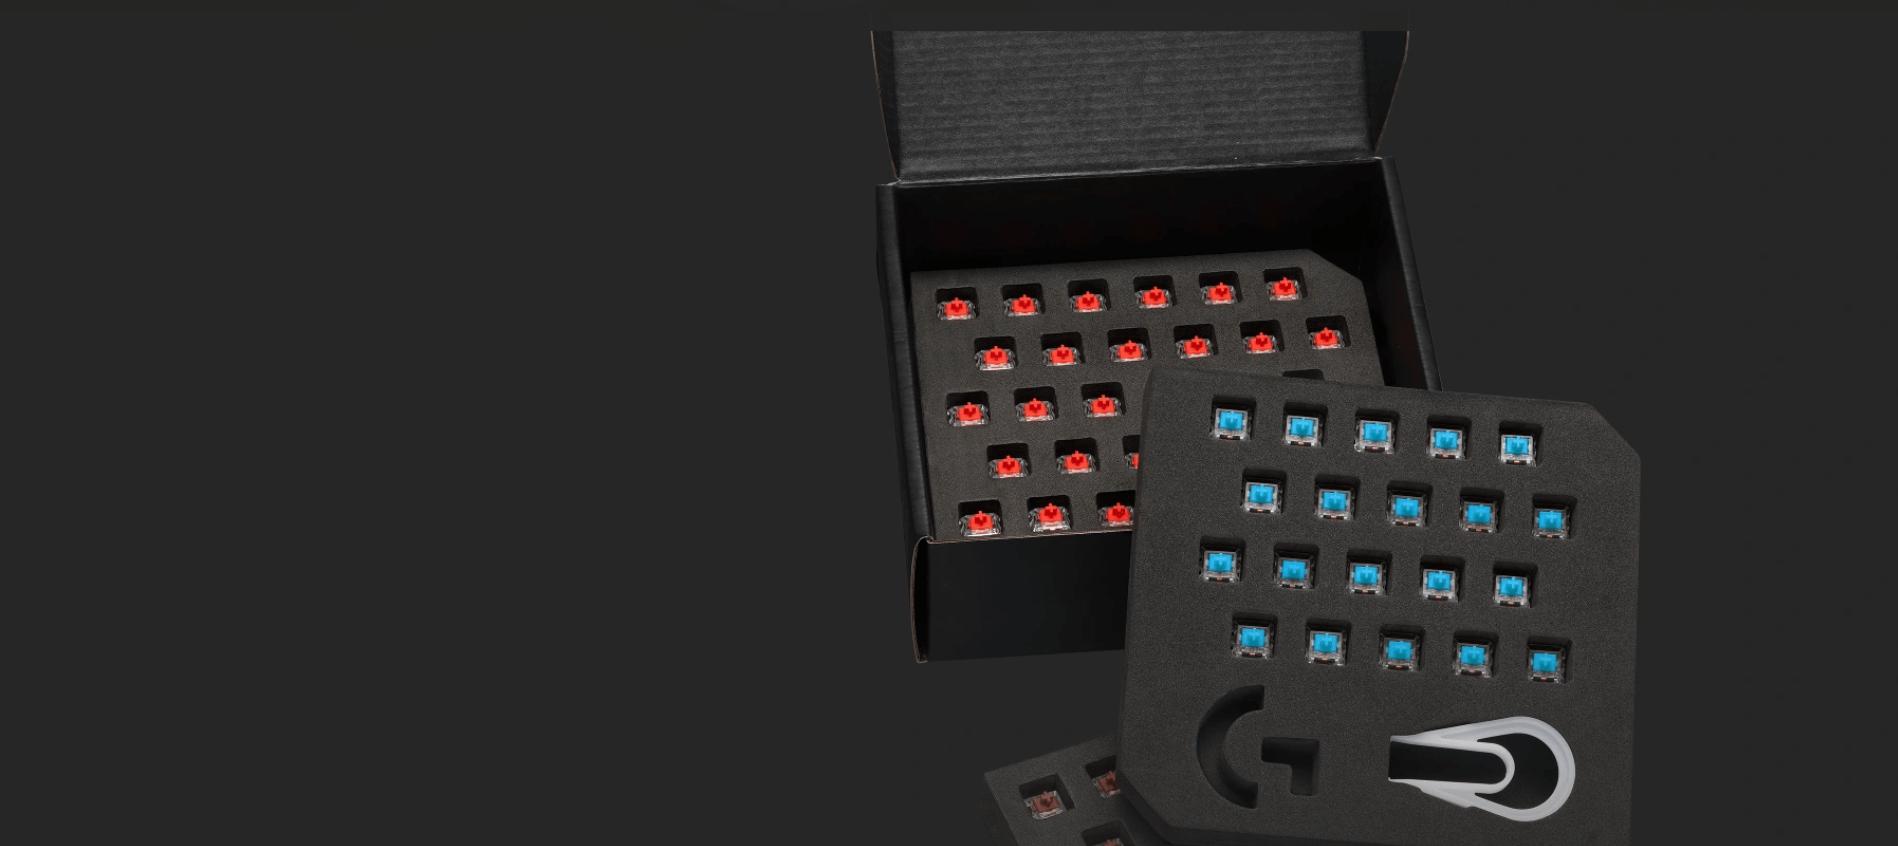 Bộ switch cho G Pro X Keyboard - GX Blue Clicky RGB switch (943-000325) đi kèm hộp lưu trữ switch